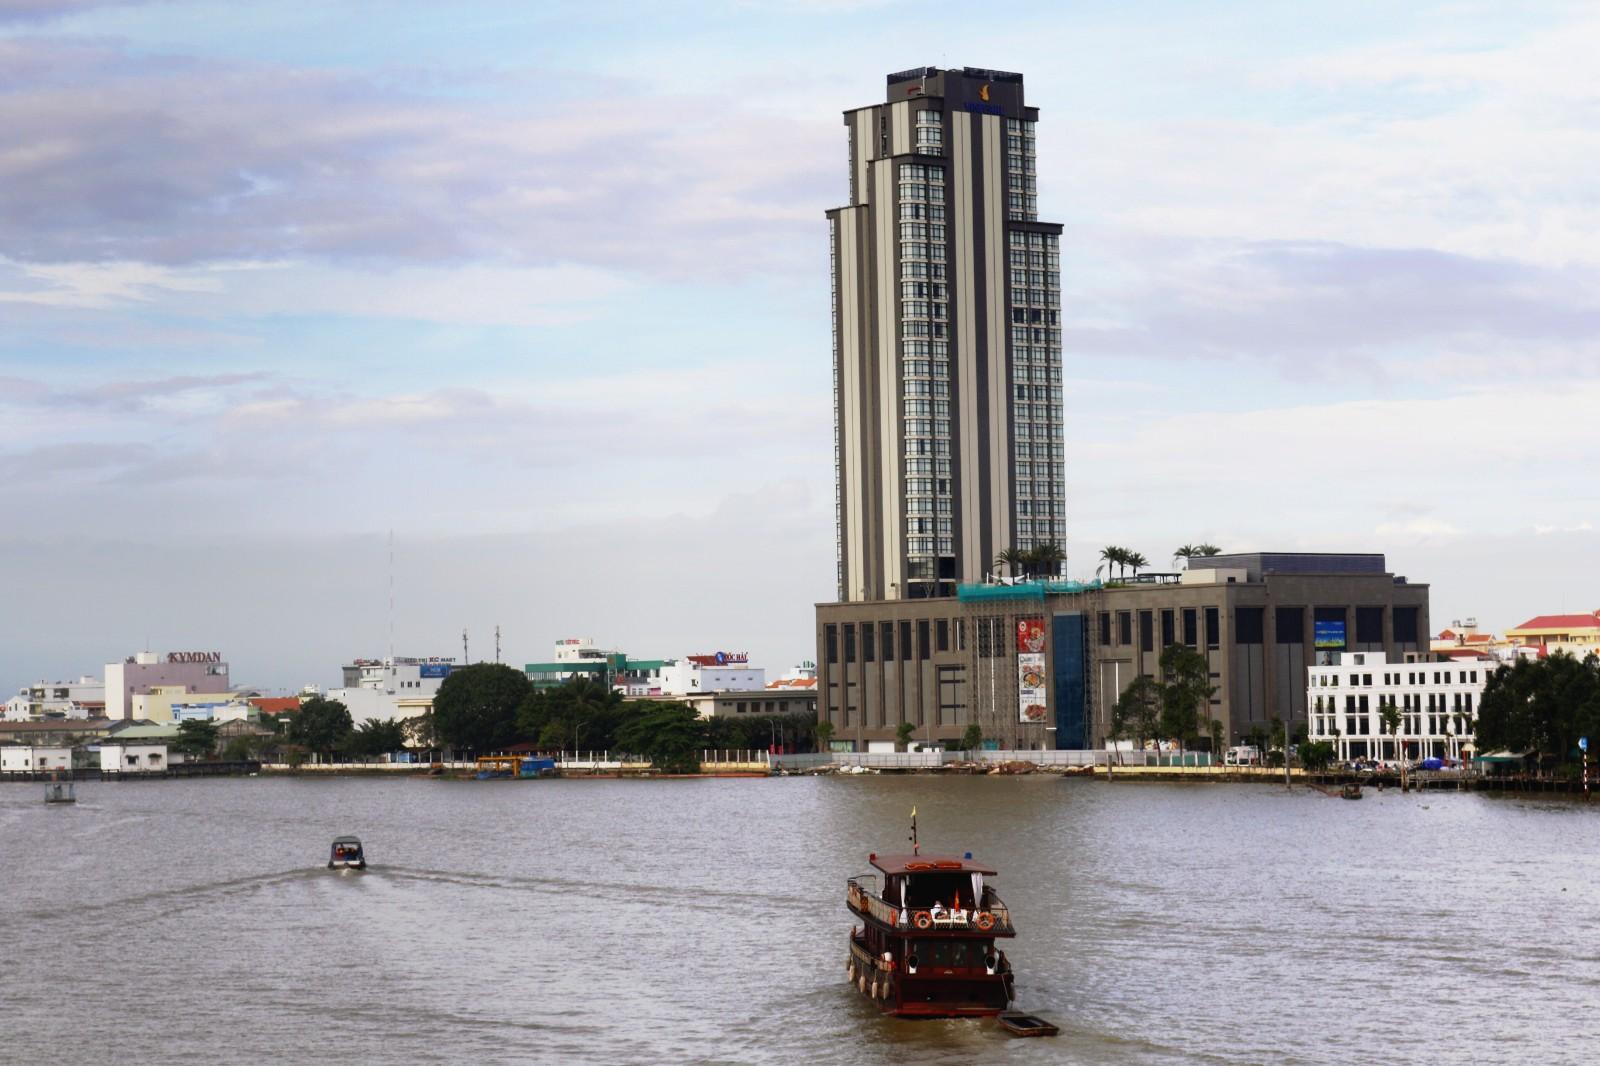 Khai trương Vinpearl Hotel – Khách sạn 5 sao đầu tiên tại Cần Thơ